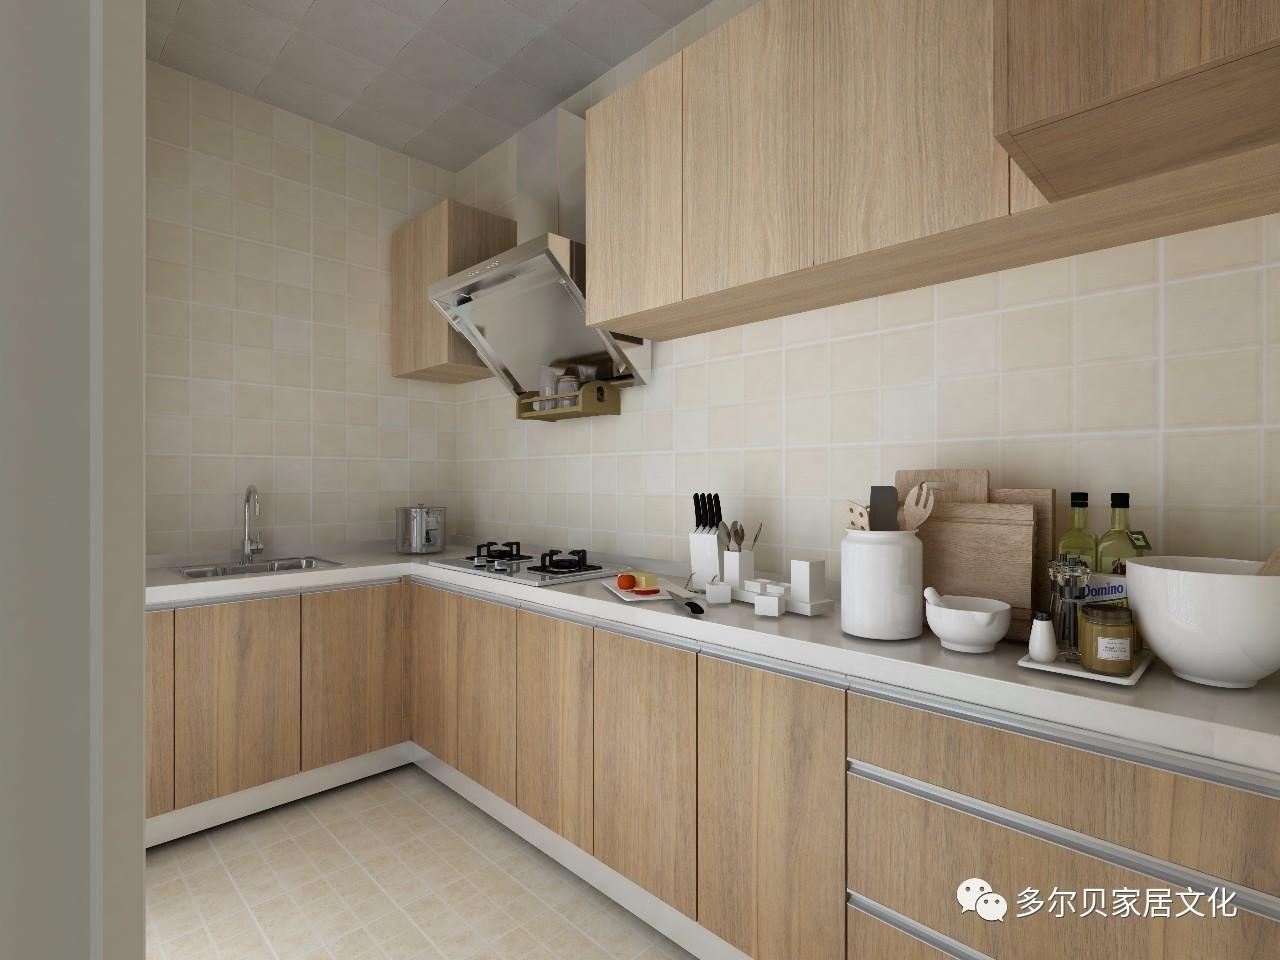 厨房空间还是统一的原木色系橱柜图片